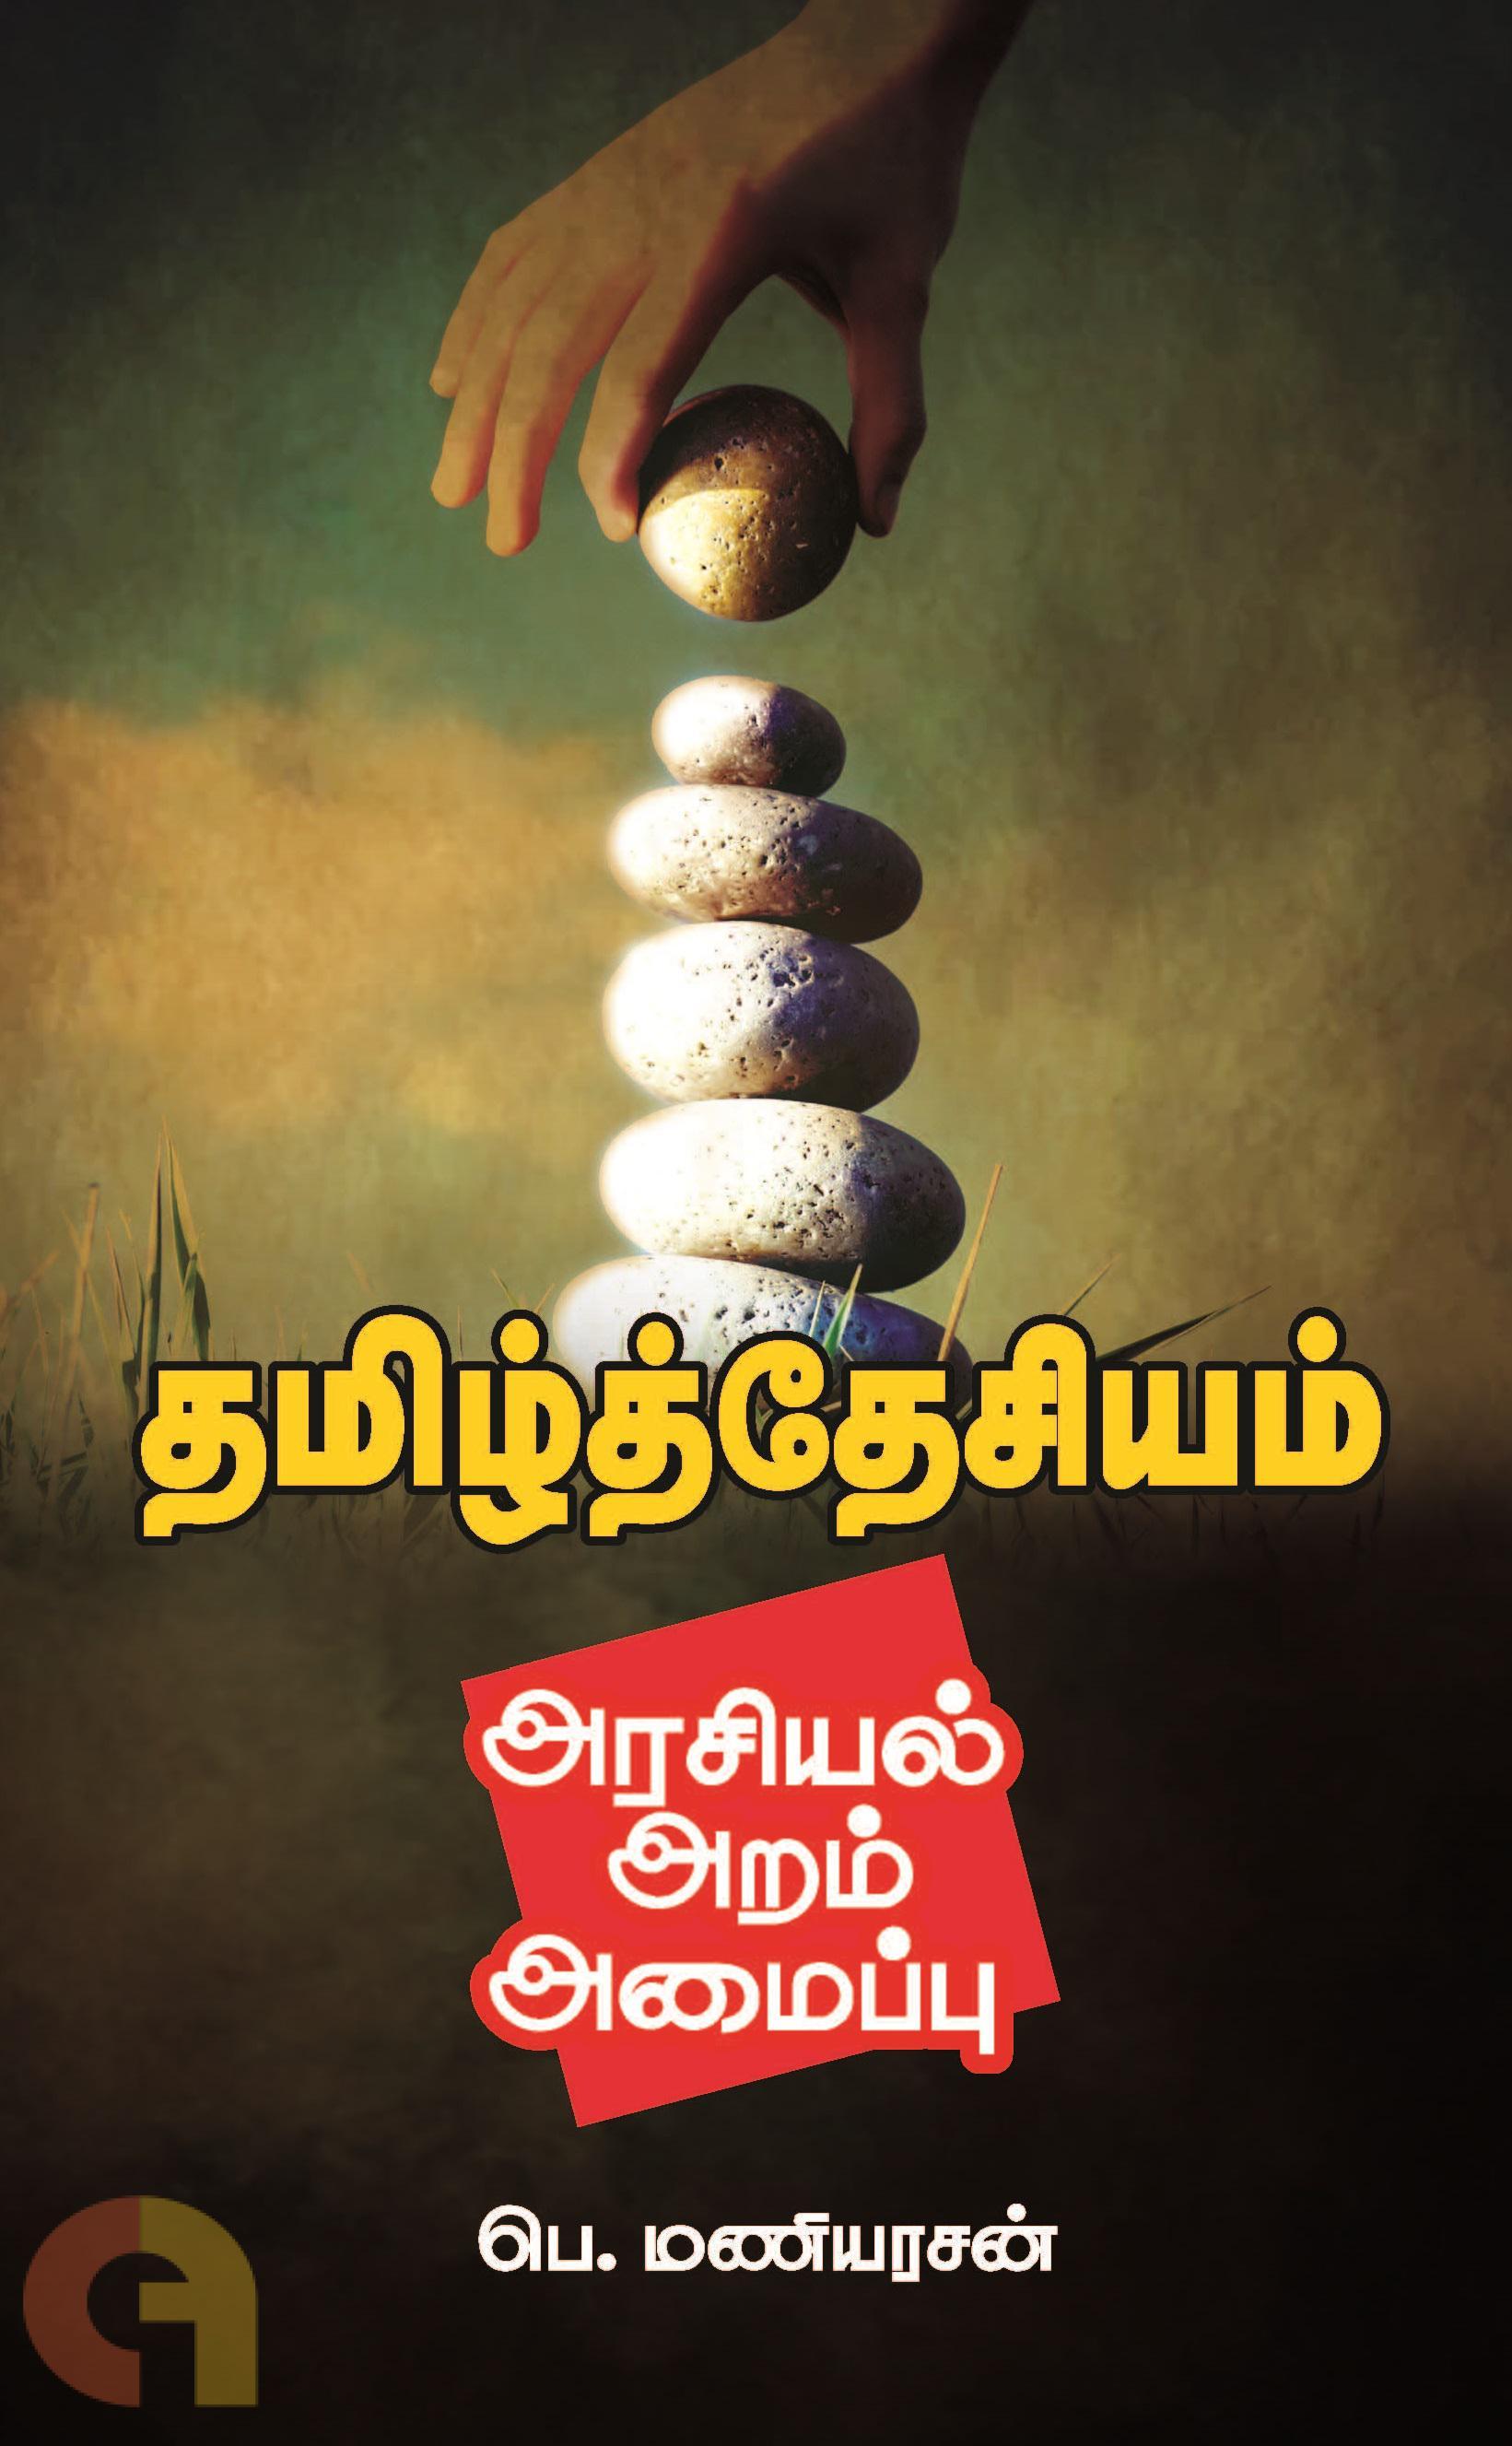 தமிழ்த்தேசியம்: அரசியல், அறம், அமைப்பு